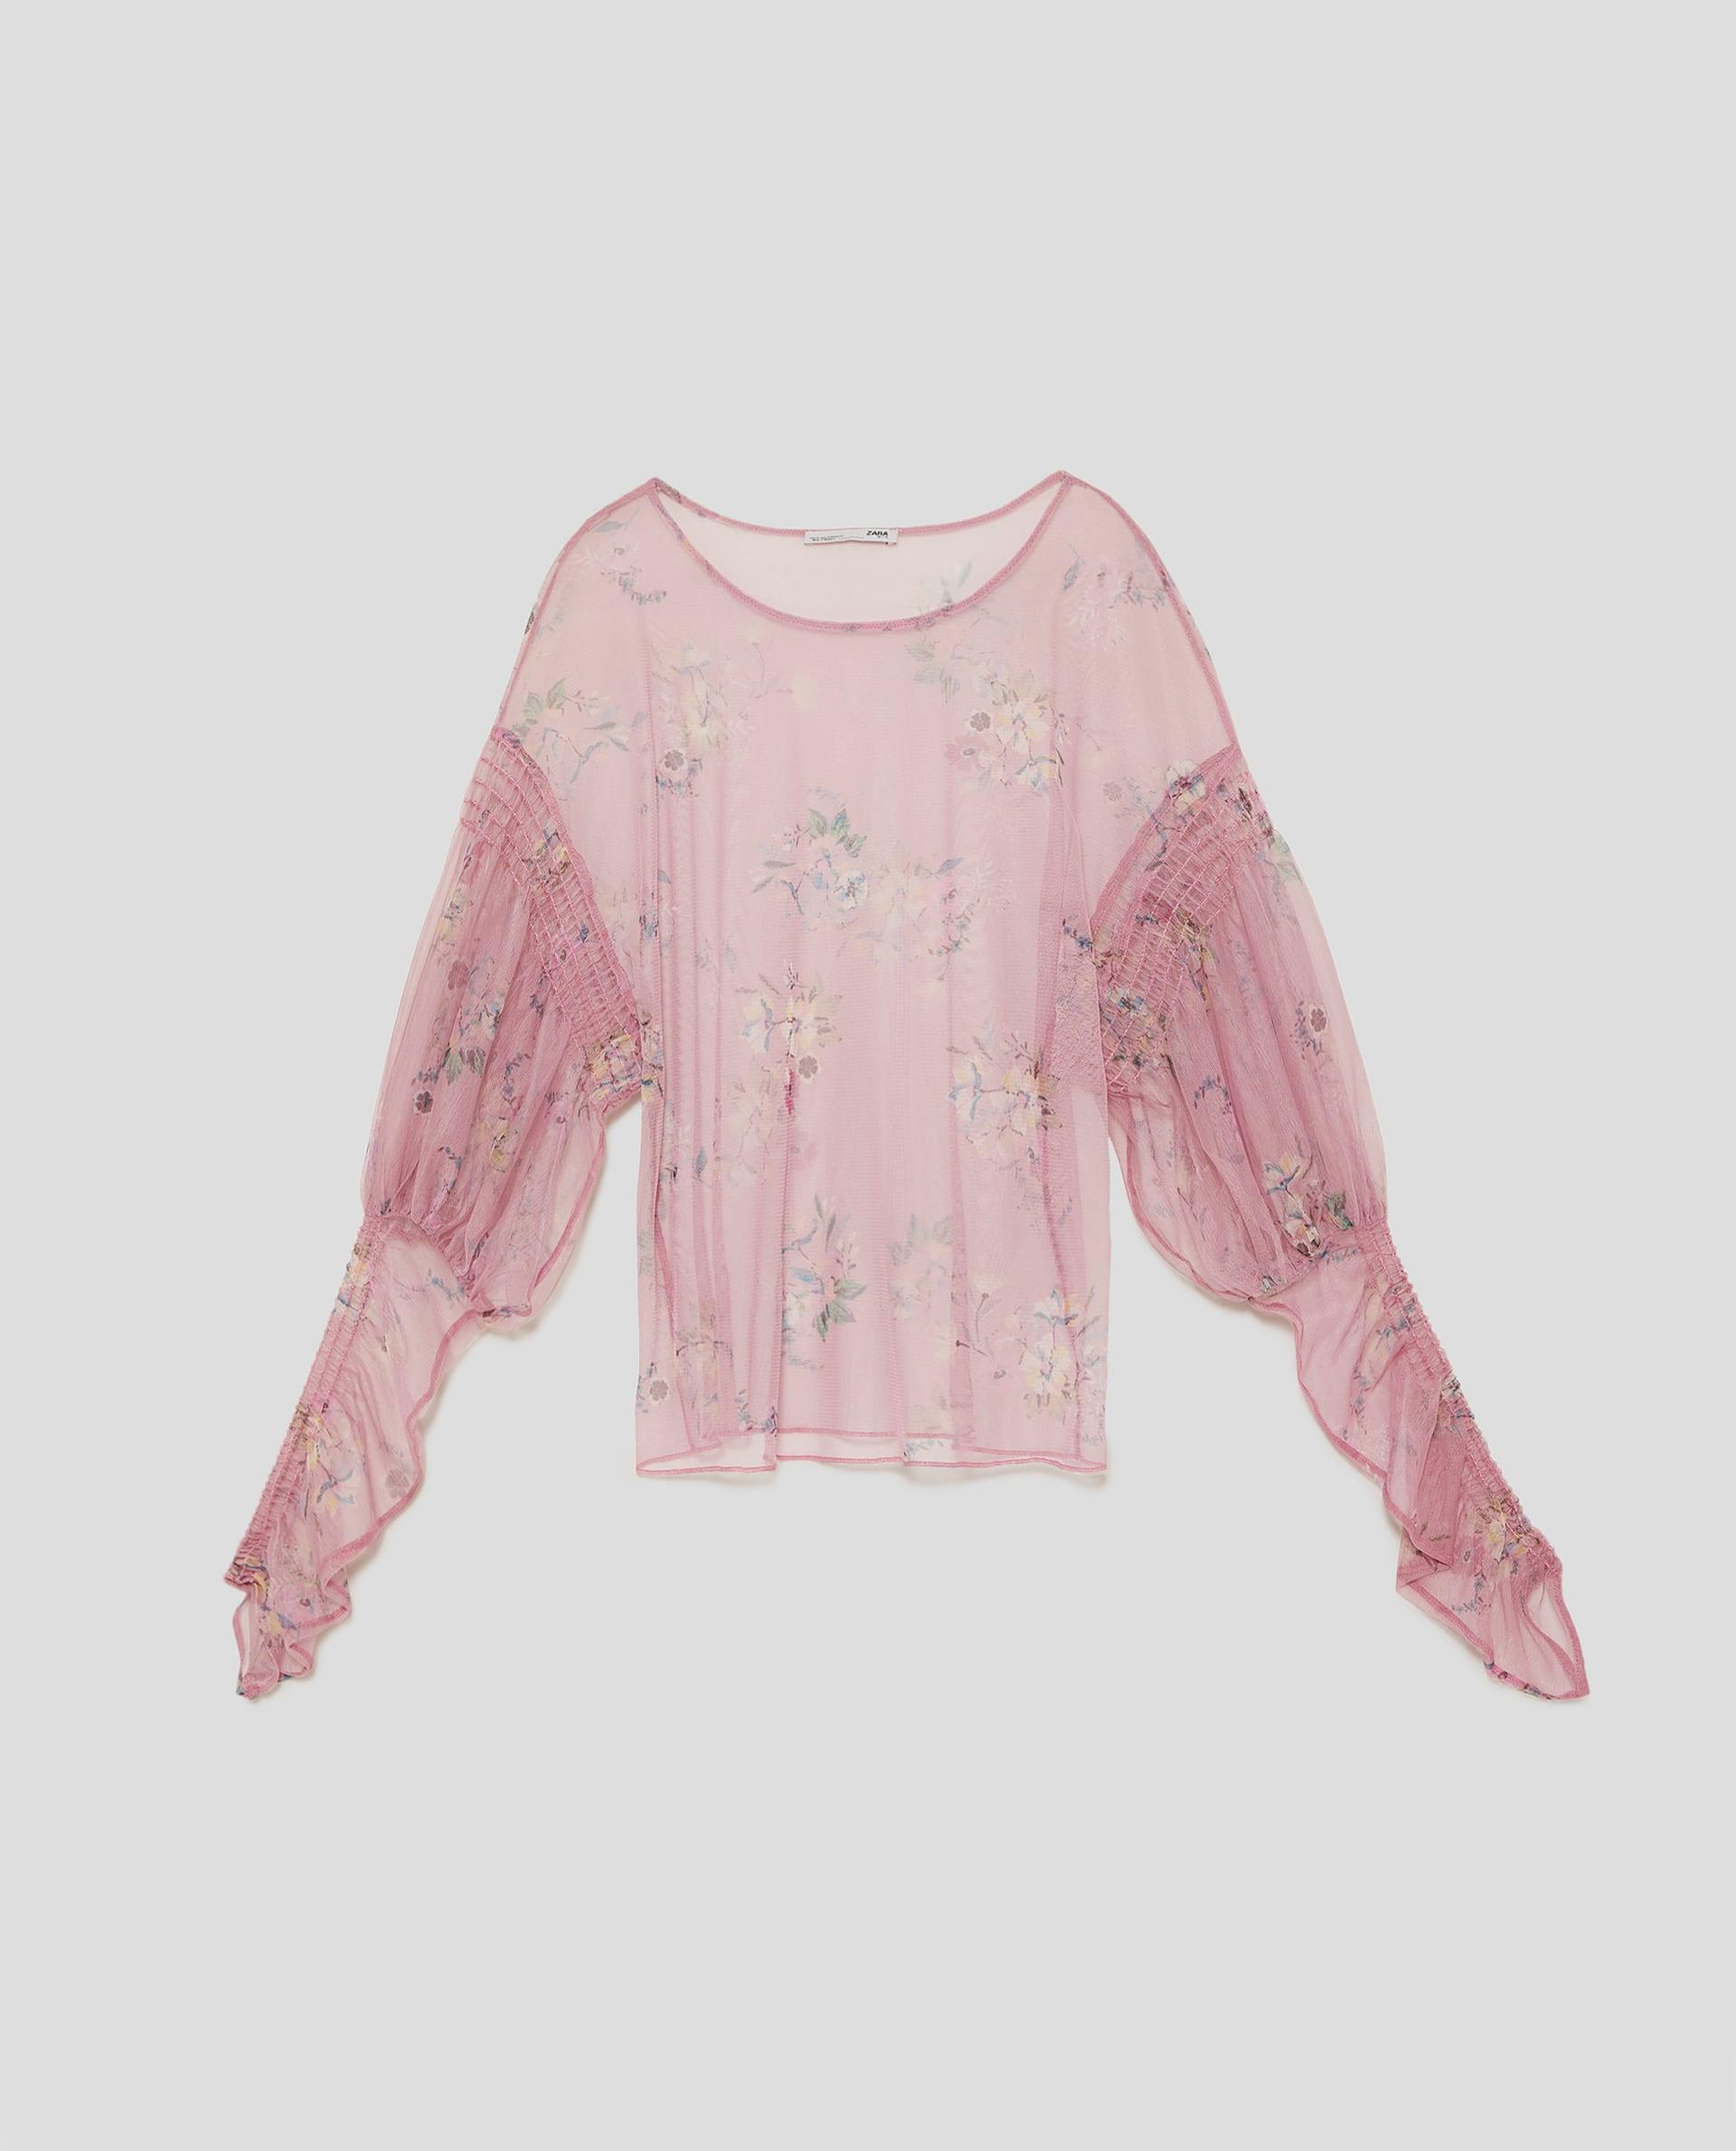 Zara Printed Tulle T Shirt